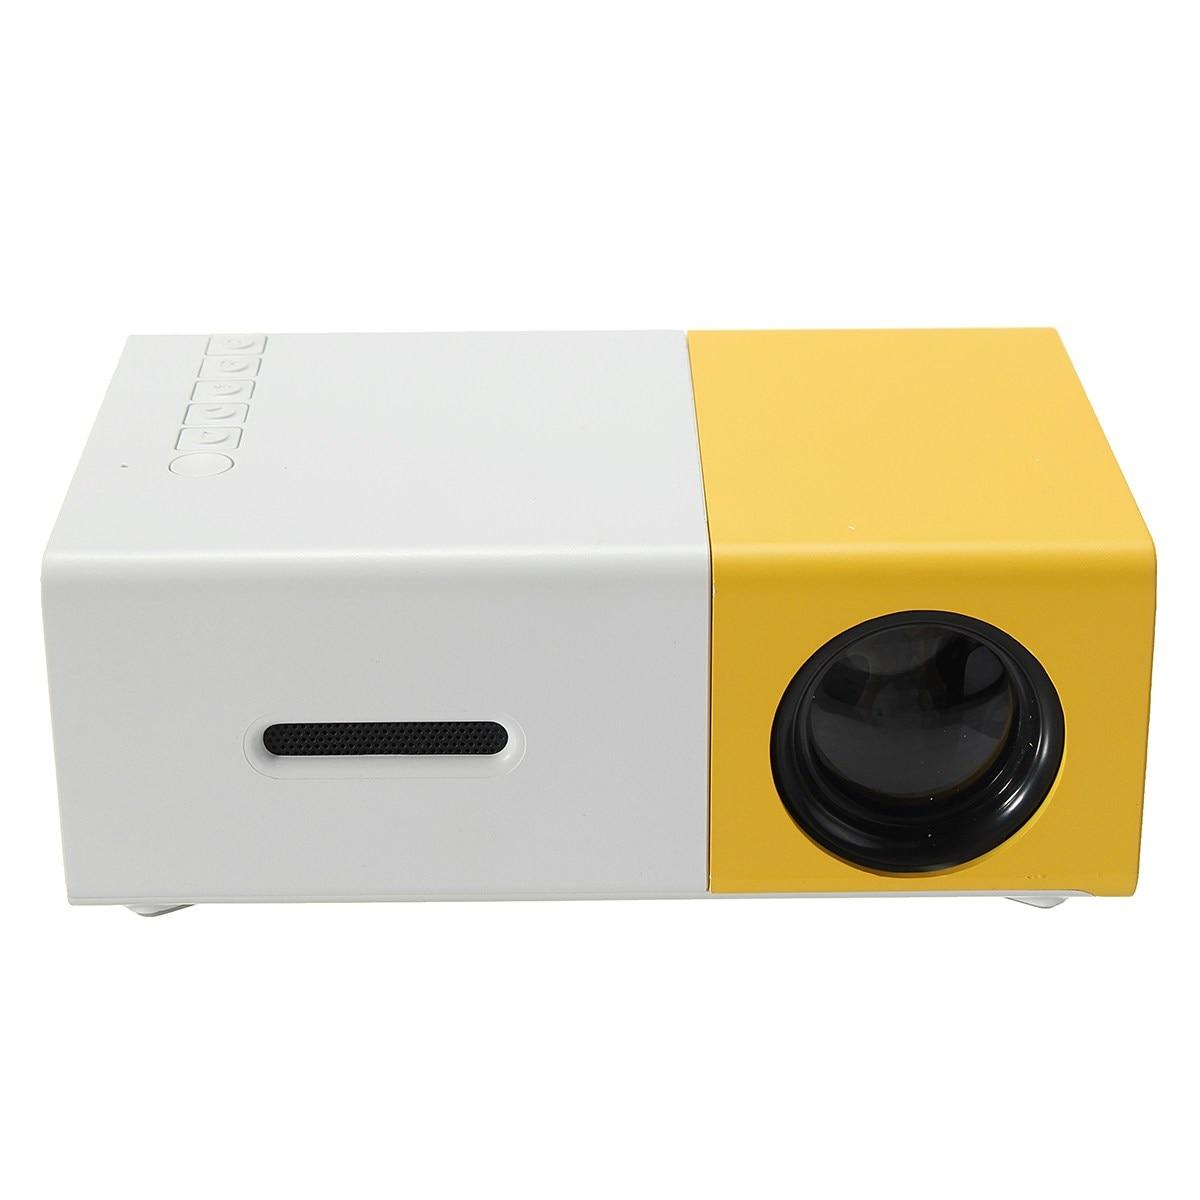 все цены на  YG-300 YG300 LED Portable Projector 400-600LM 3.5mm Audio 320 x 240 Pixels HDMI USB Mini Projector Home Media Player  онлайн